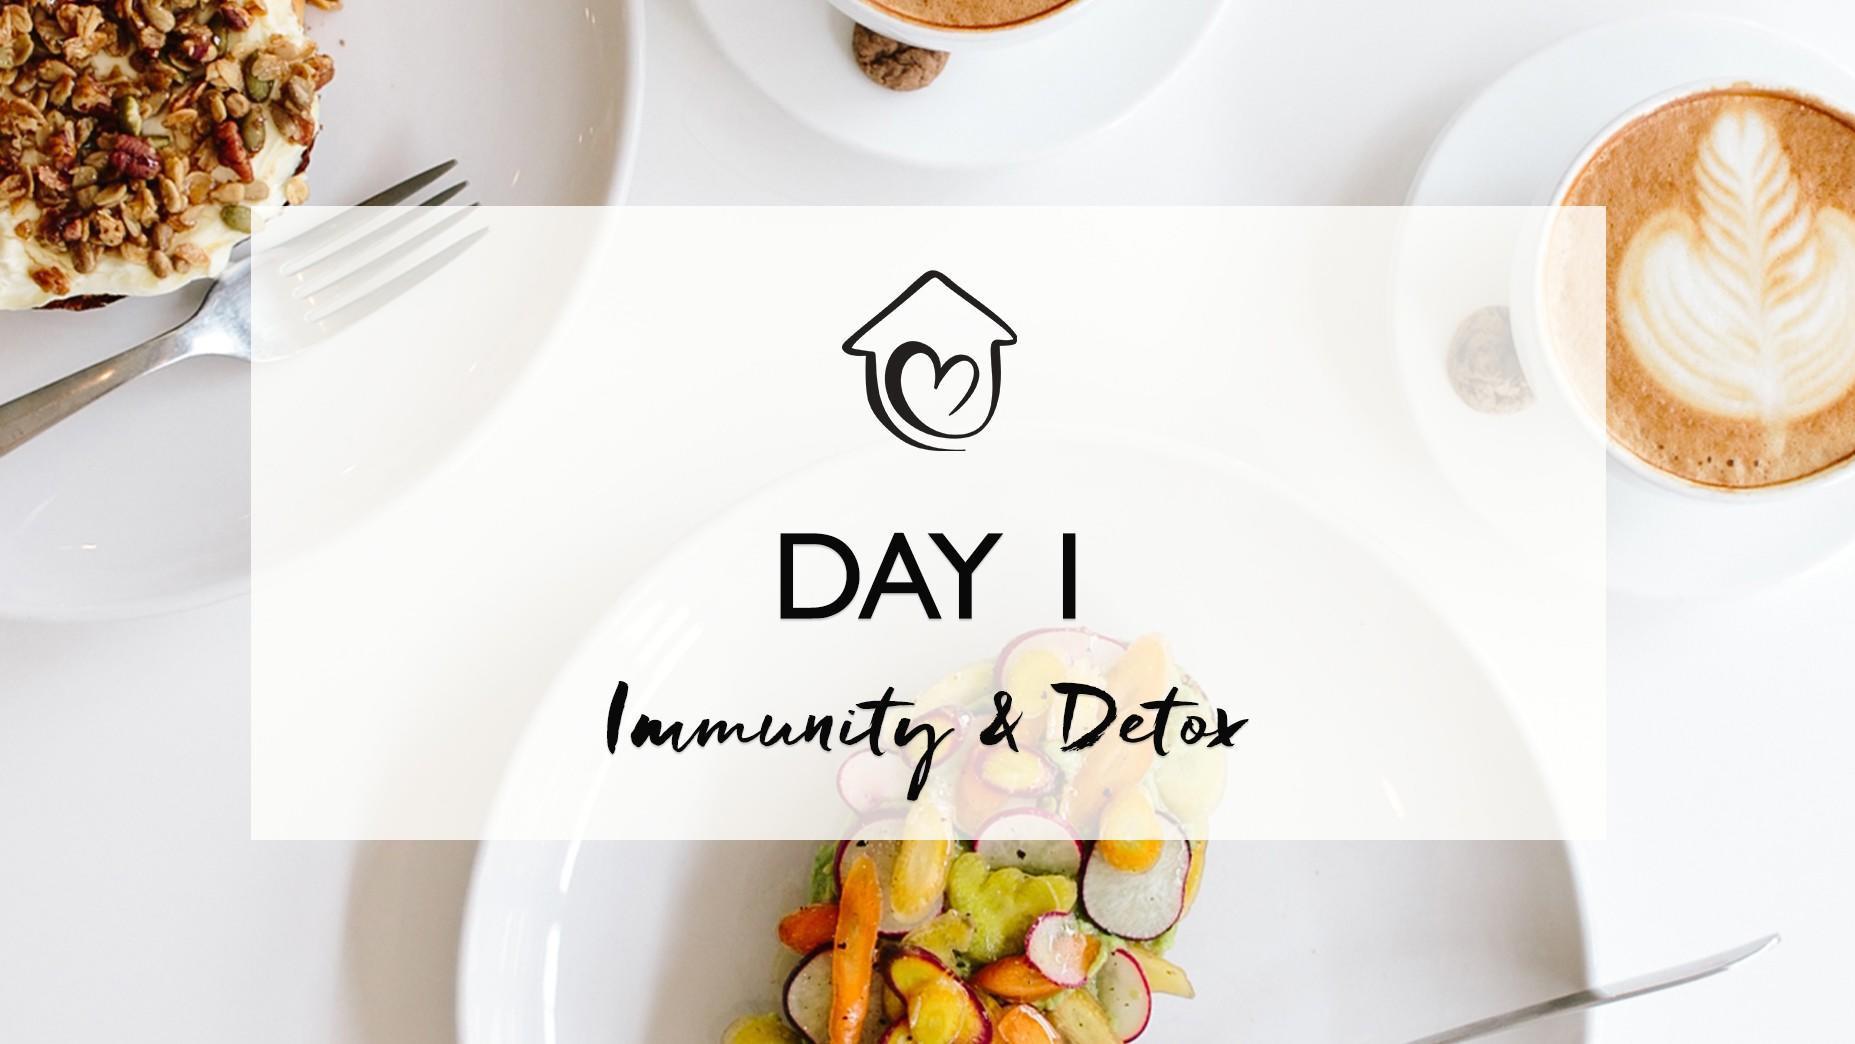 Day 1 - Immunity & Detox